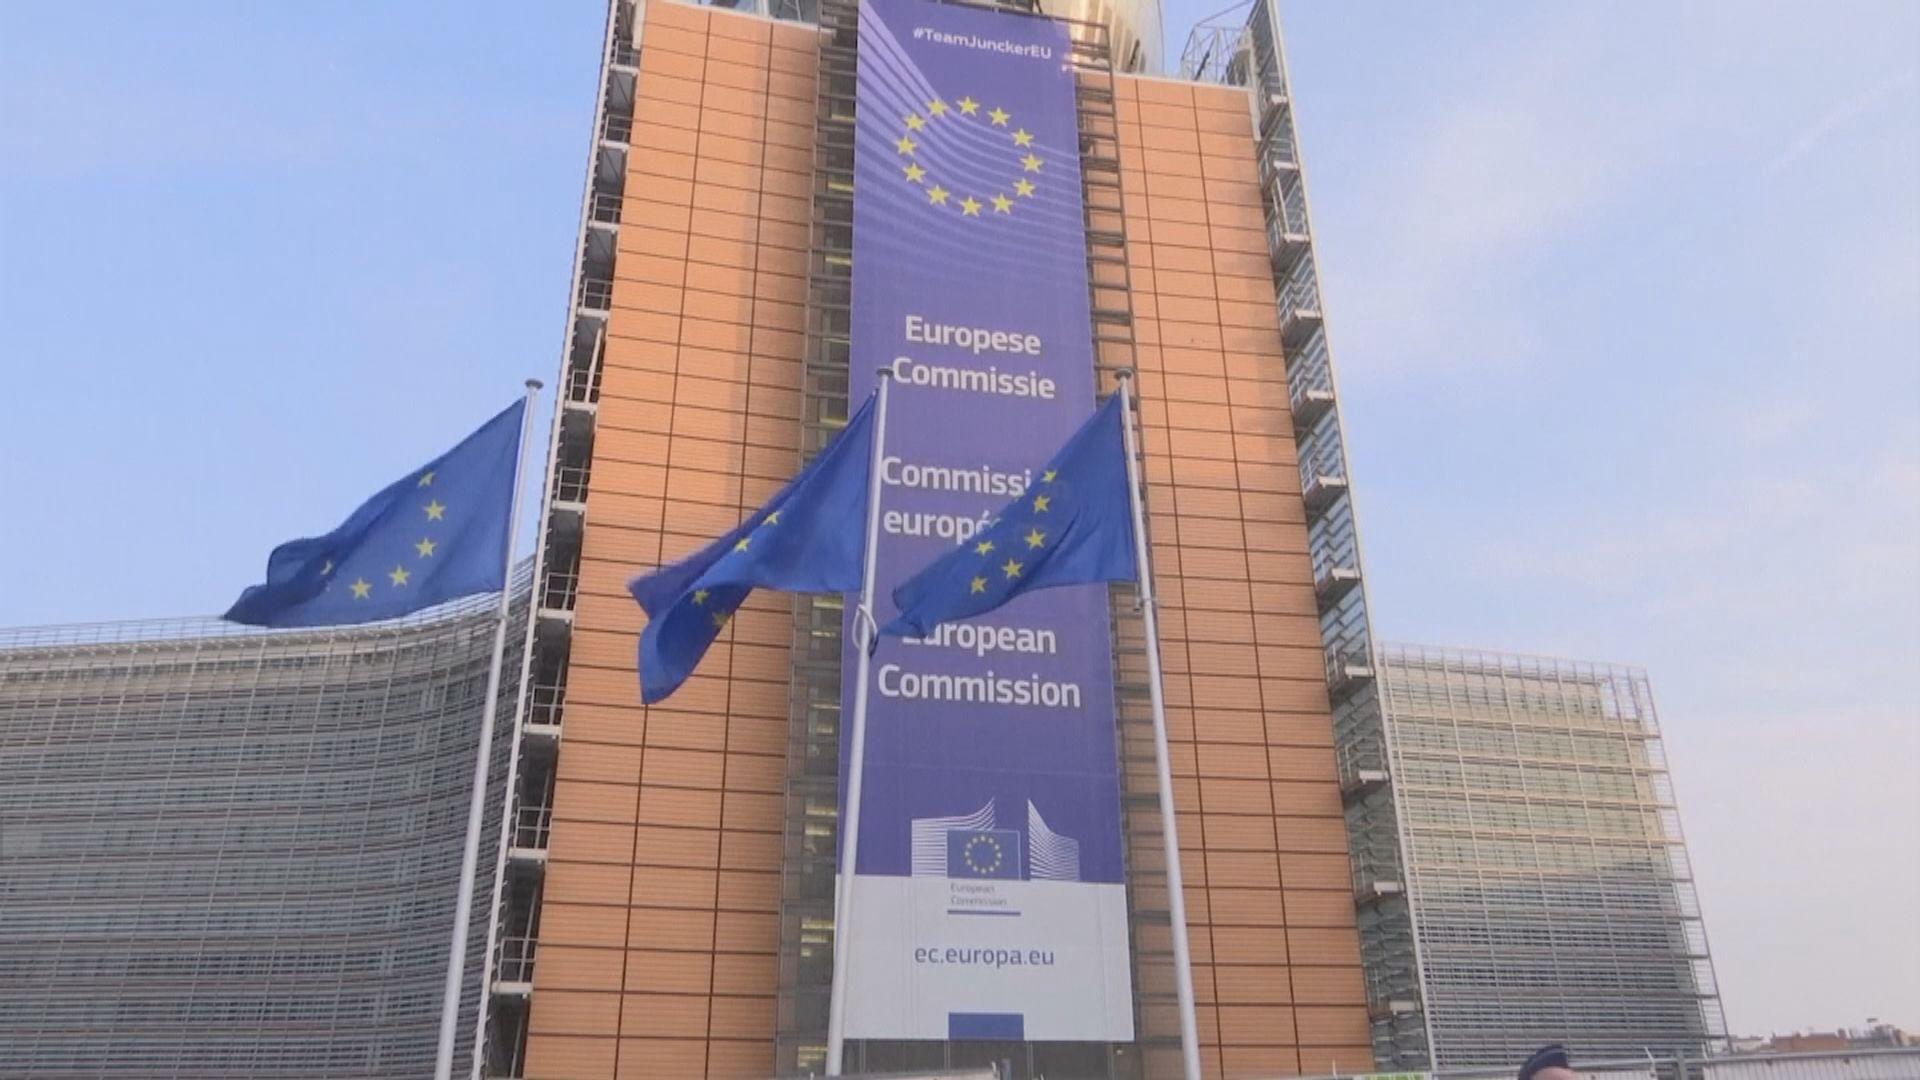 歐盟籲港府重新考慮推遲立會選舉決定 中國駐歐盟使團:港府決定合情合理合法